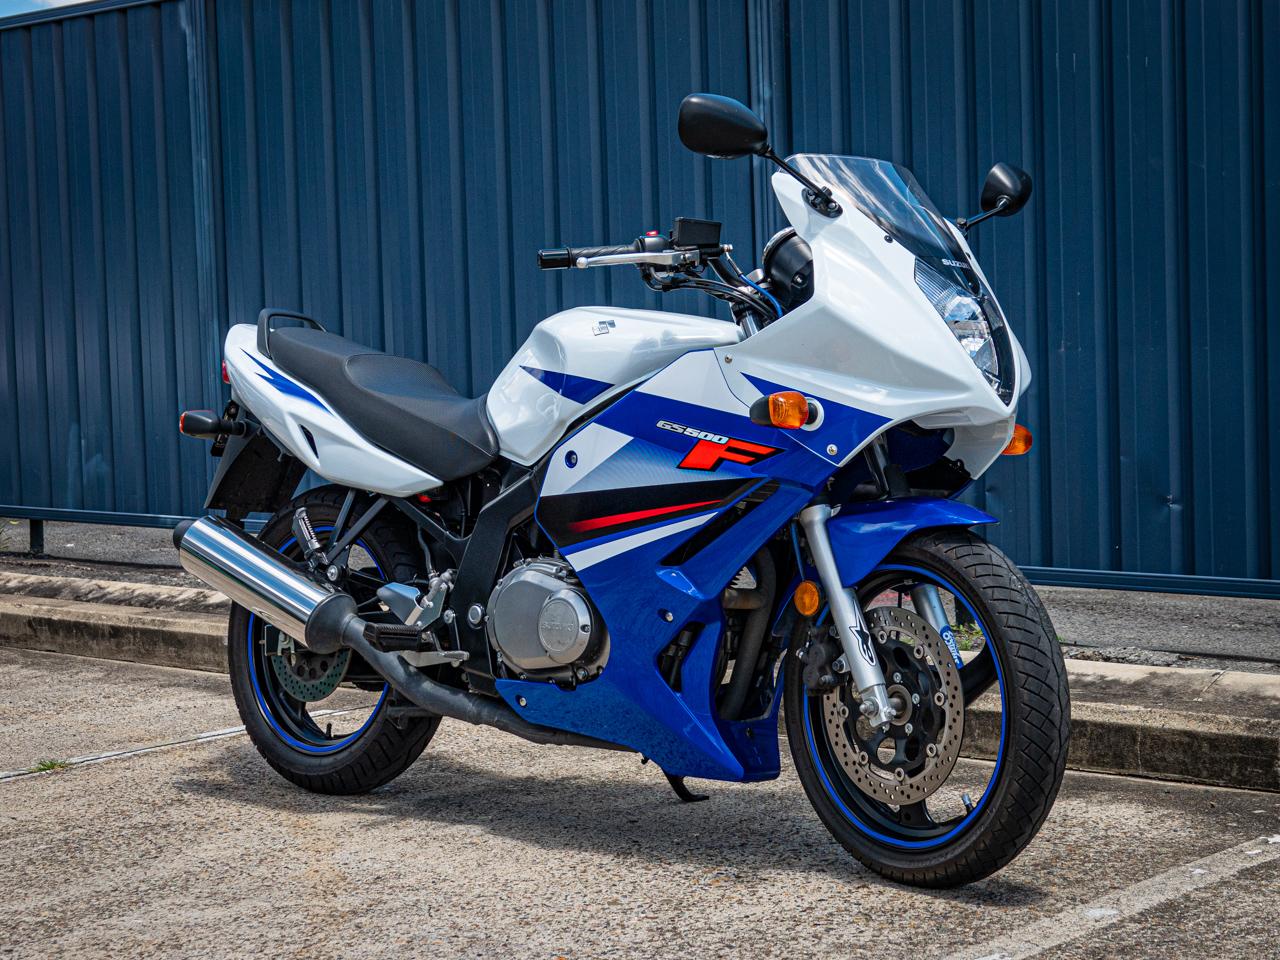 2011 Suzuki GS 500F - Moto.ZombDrive.COM